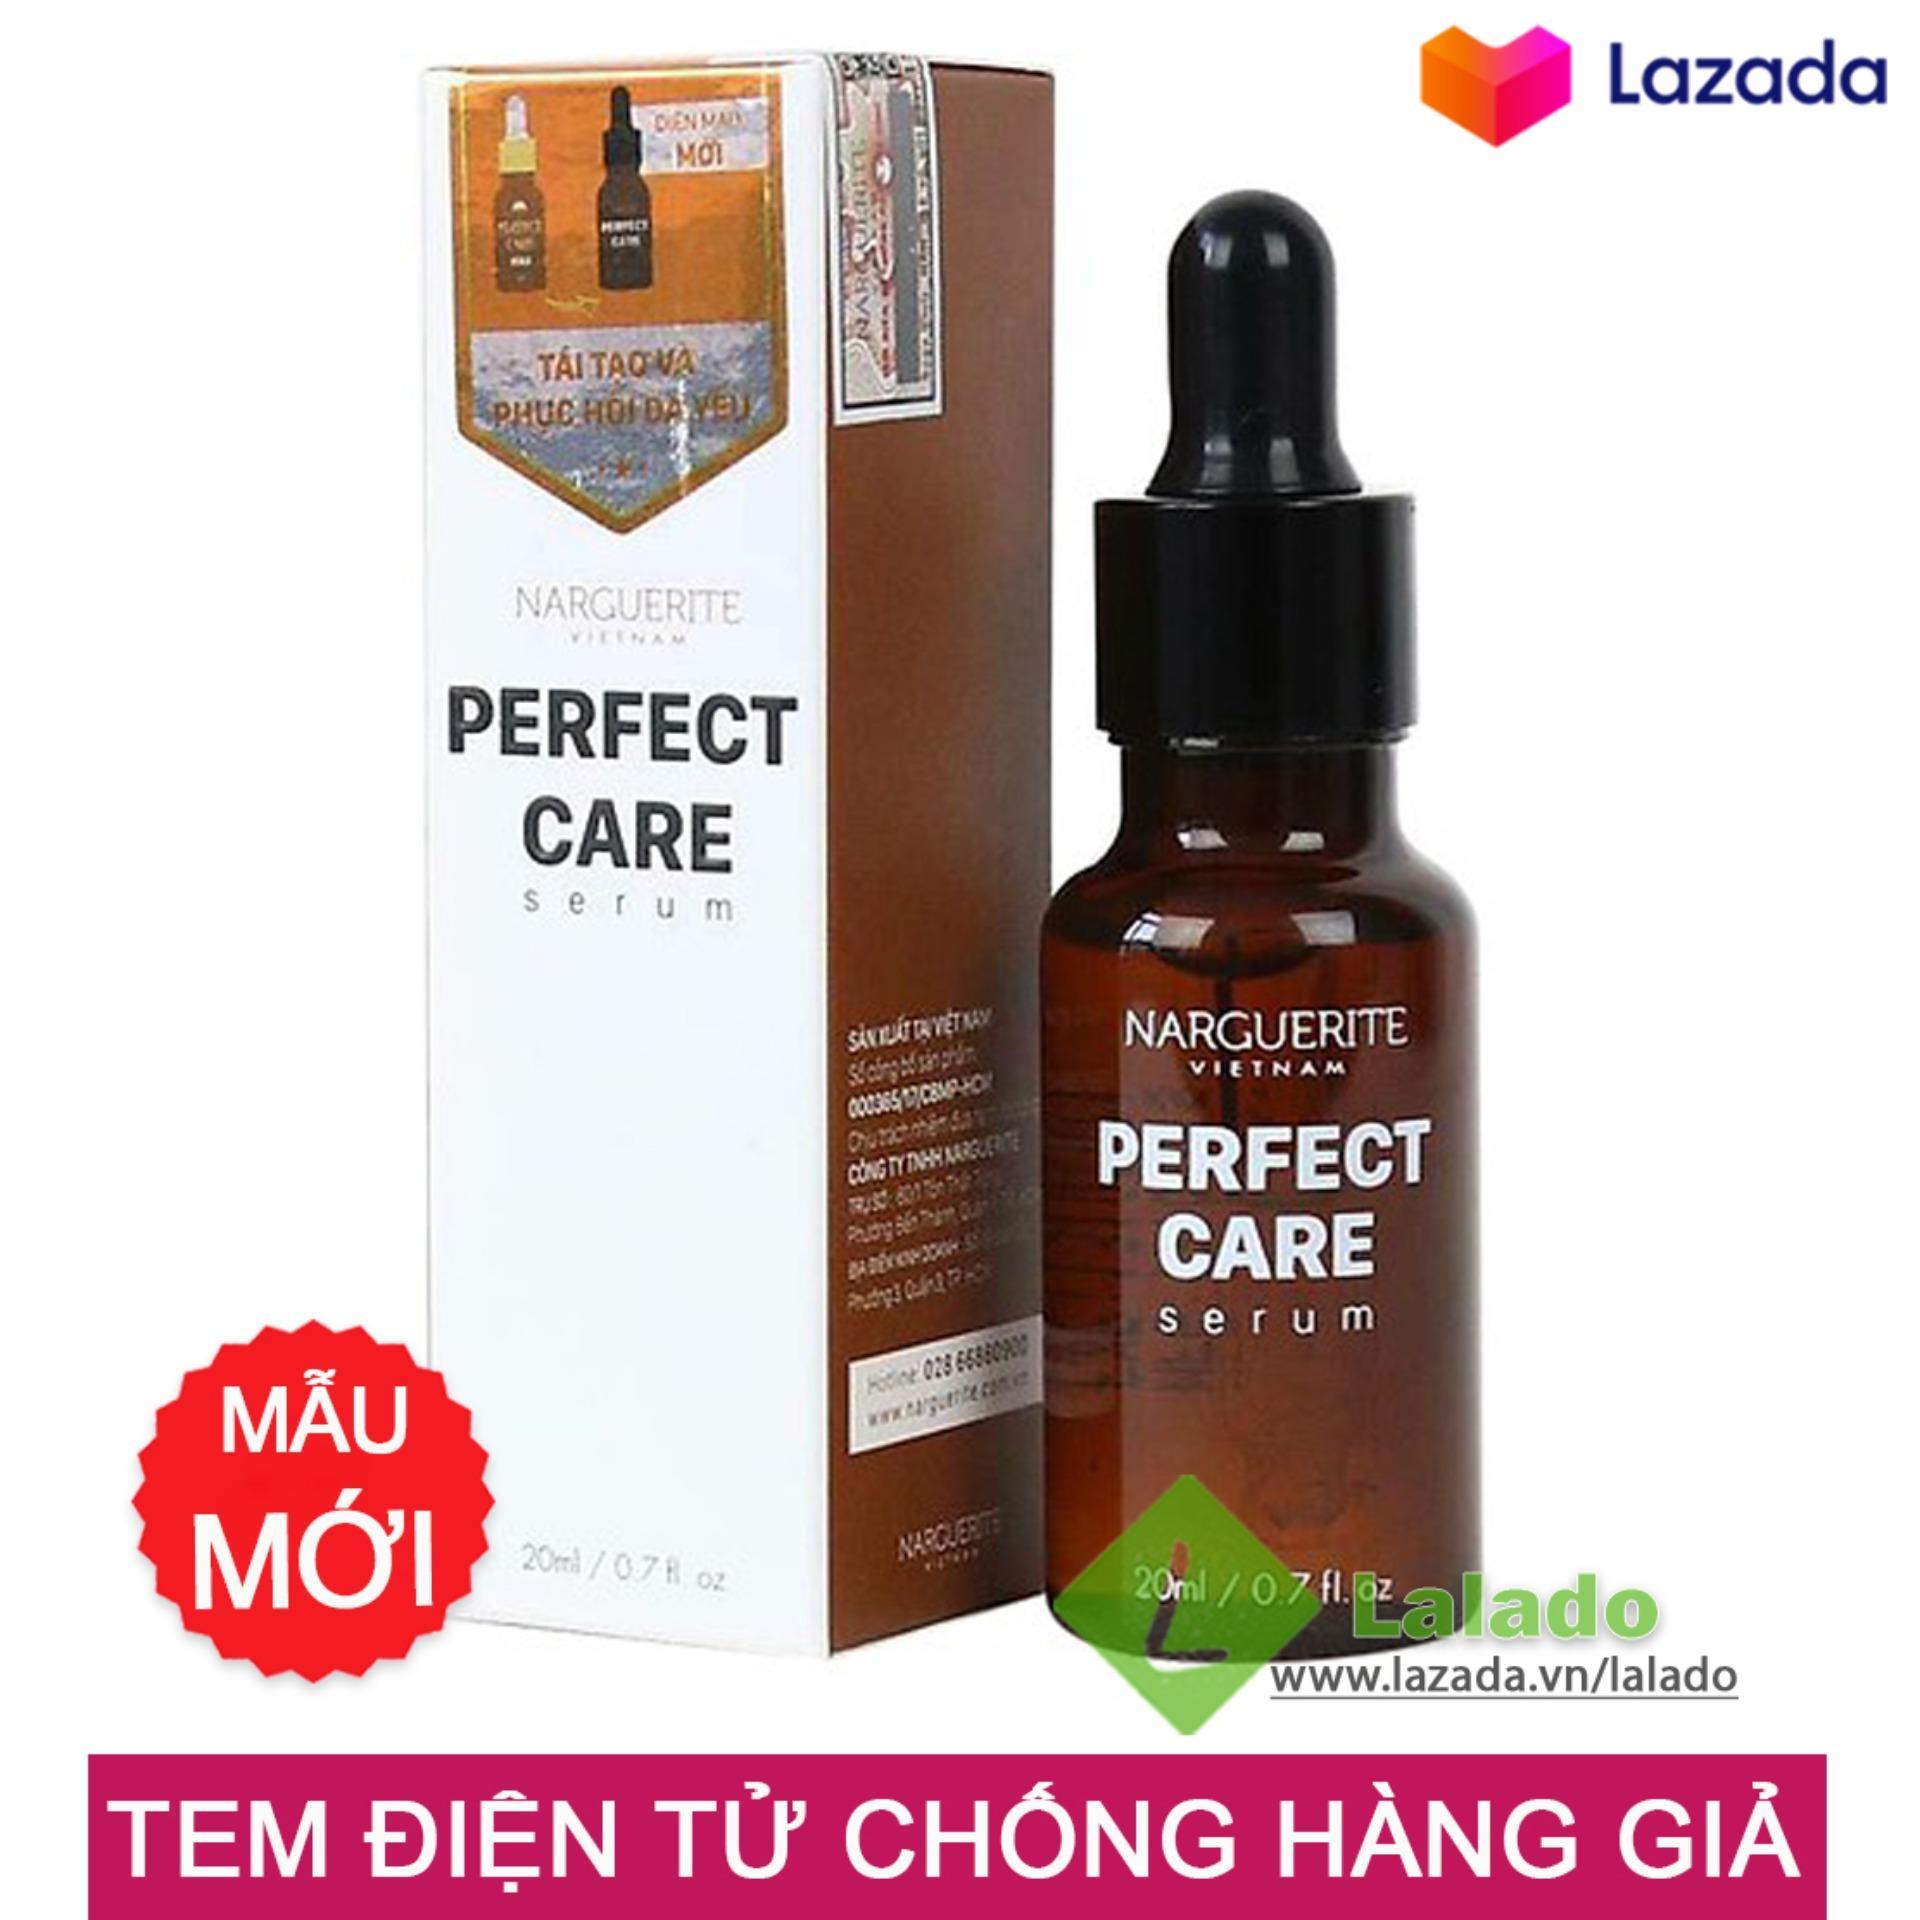 Serum ốc sên dưỡng trắng da tái tạo ban đêm Perfect Care Narguerite 20ml - Mẫu mới chính hãng